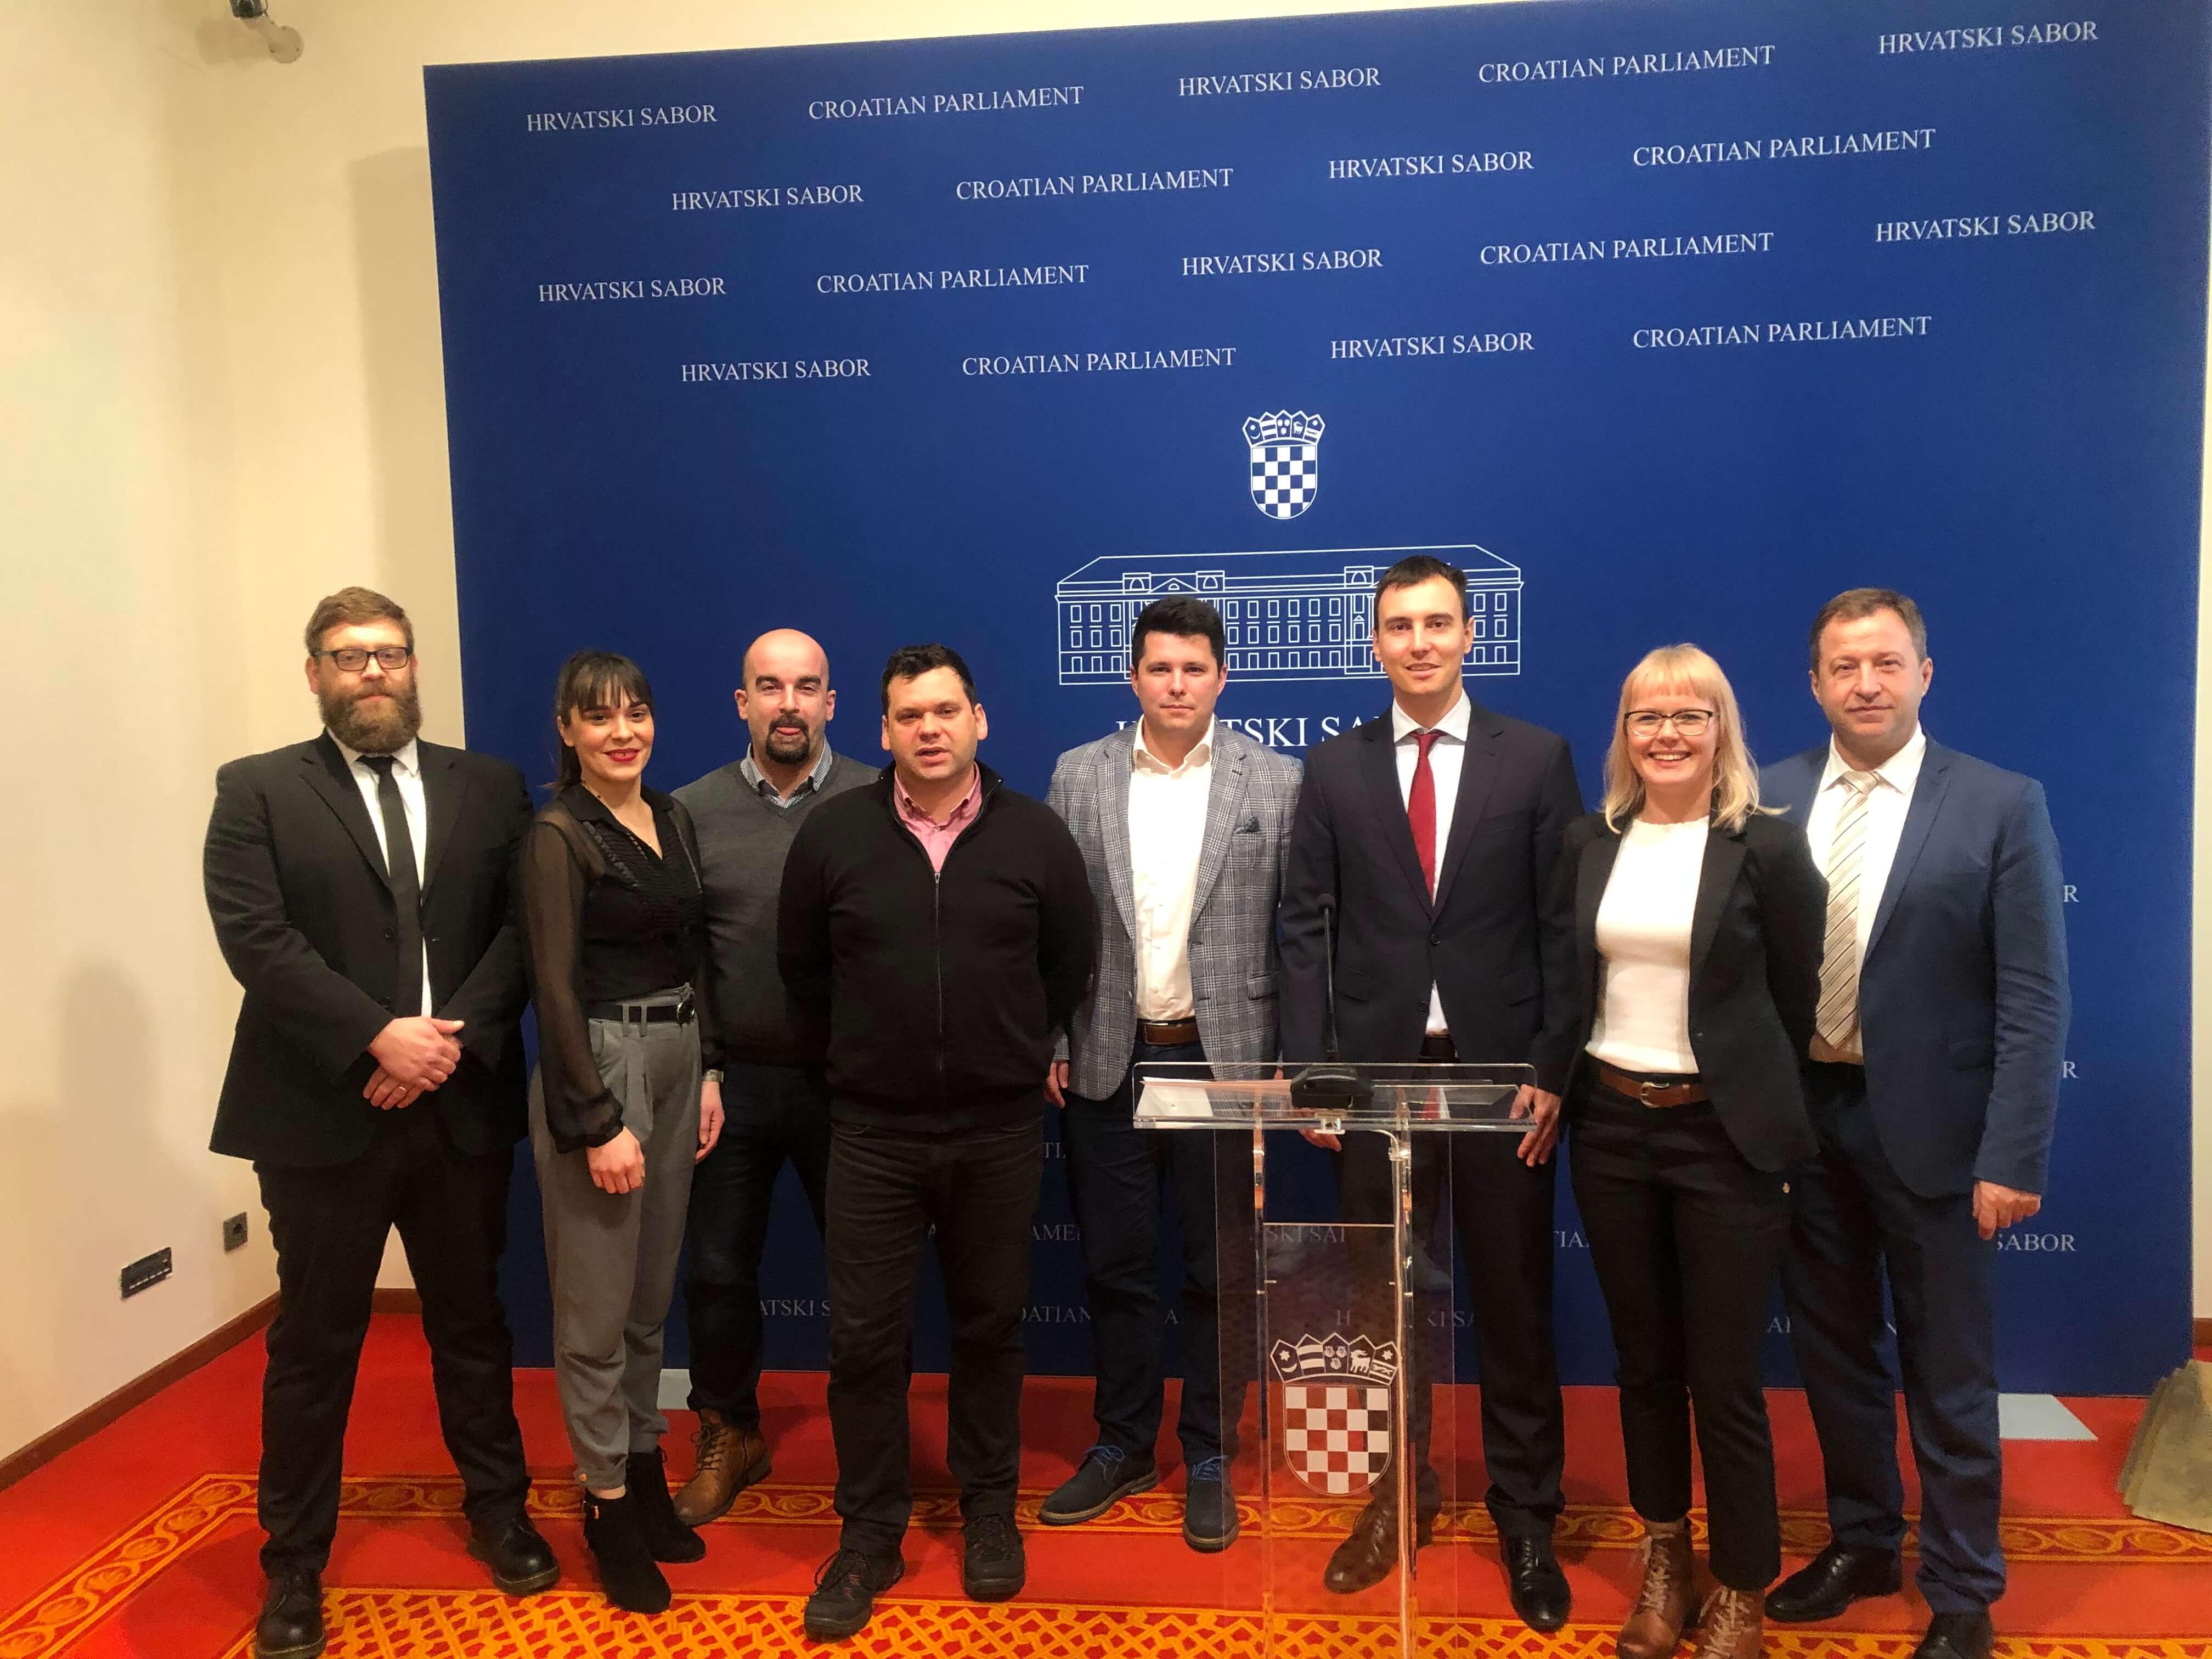 Nova politička suradnja u Saboru: Traže bolji položaj mladih u Hrvatskoj i smanjenje dobne granice za izbore